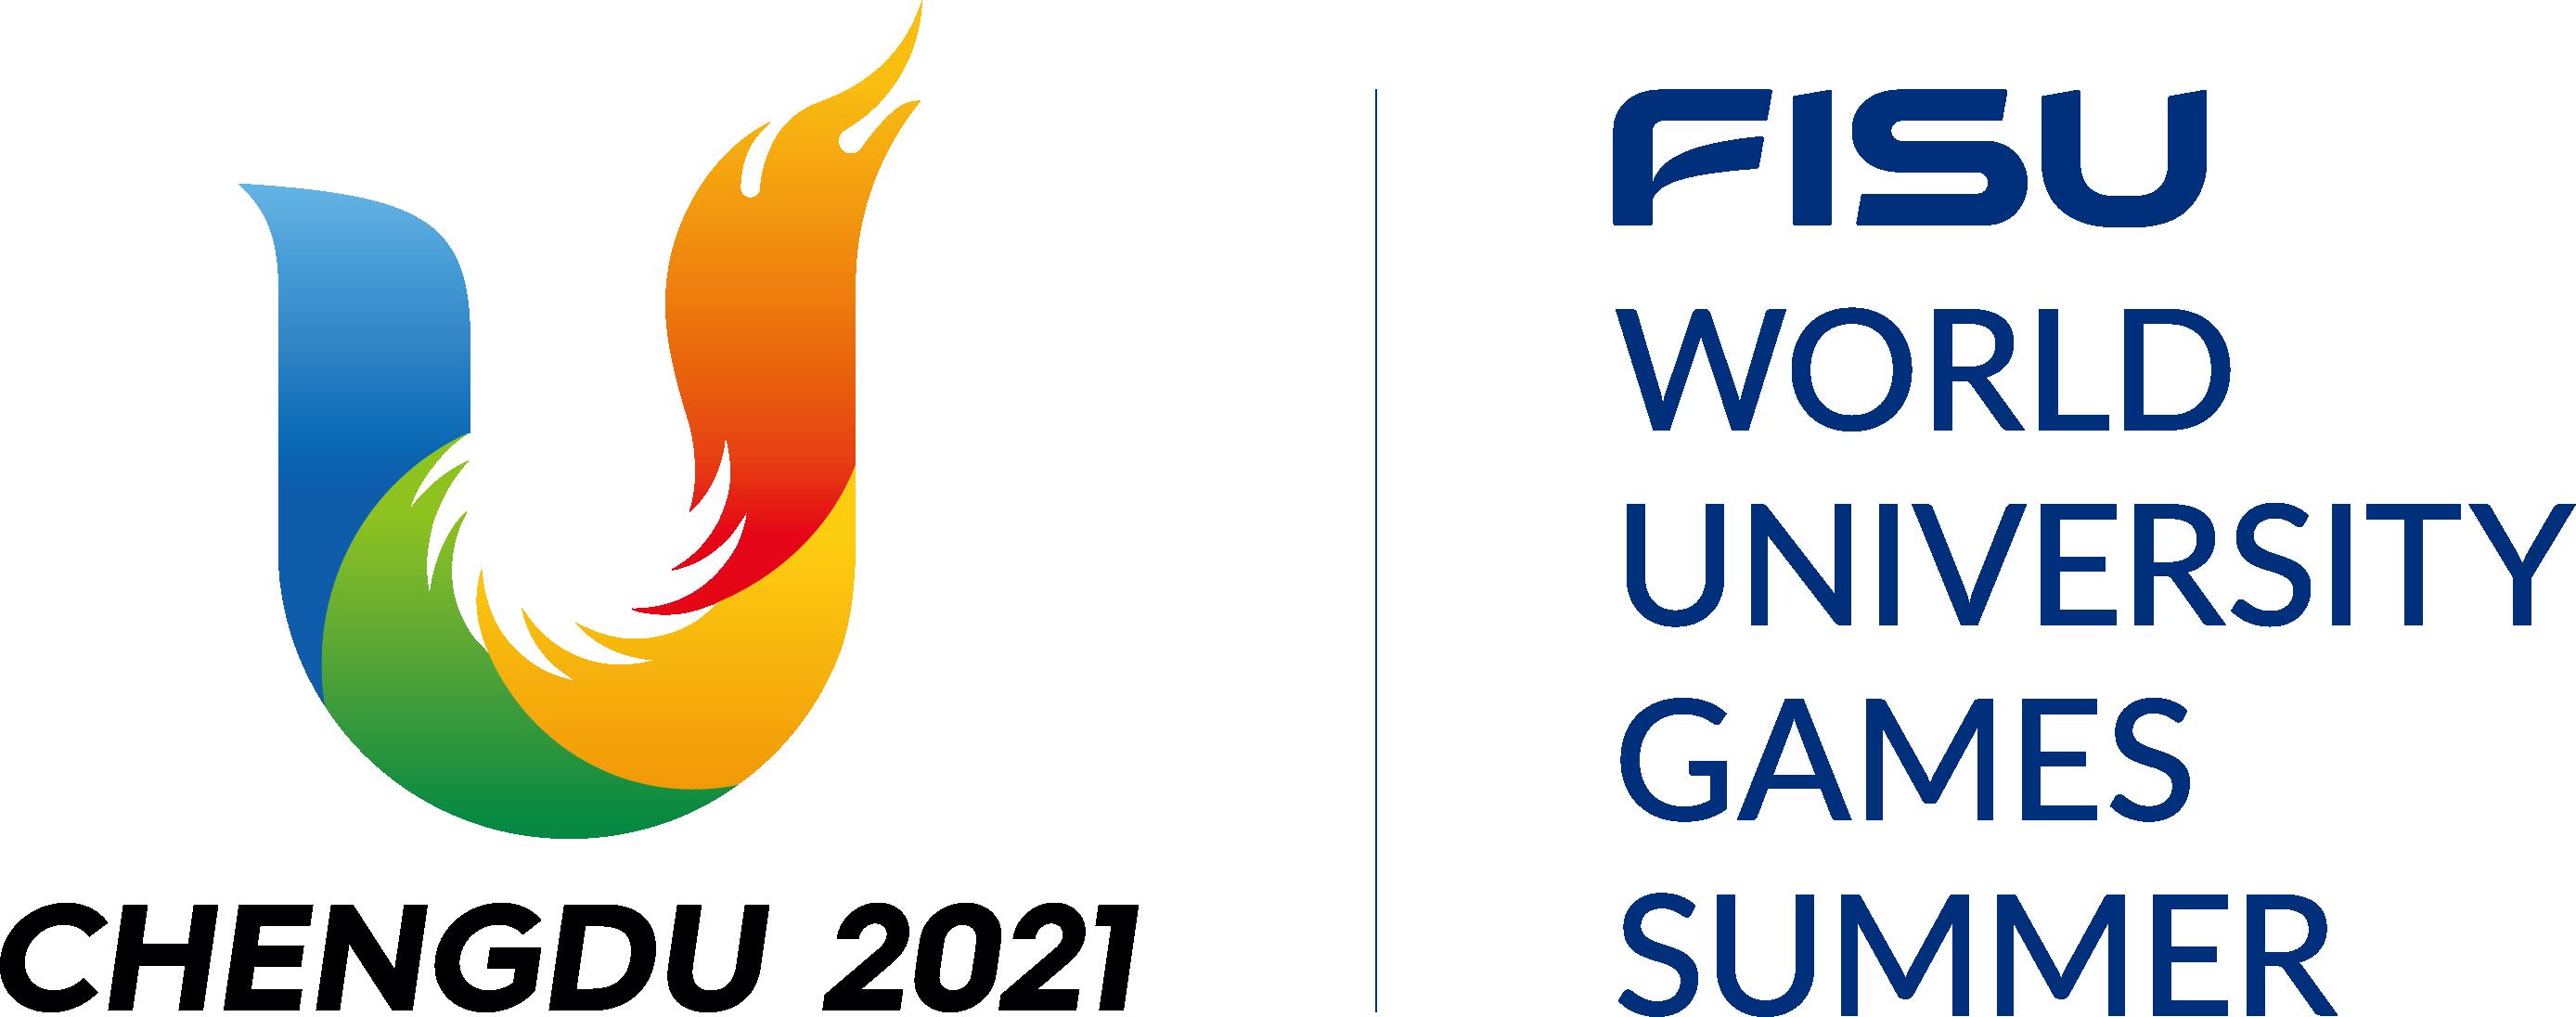 成都大运会日期顺延2天:2021年8月18日至29日举行